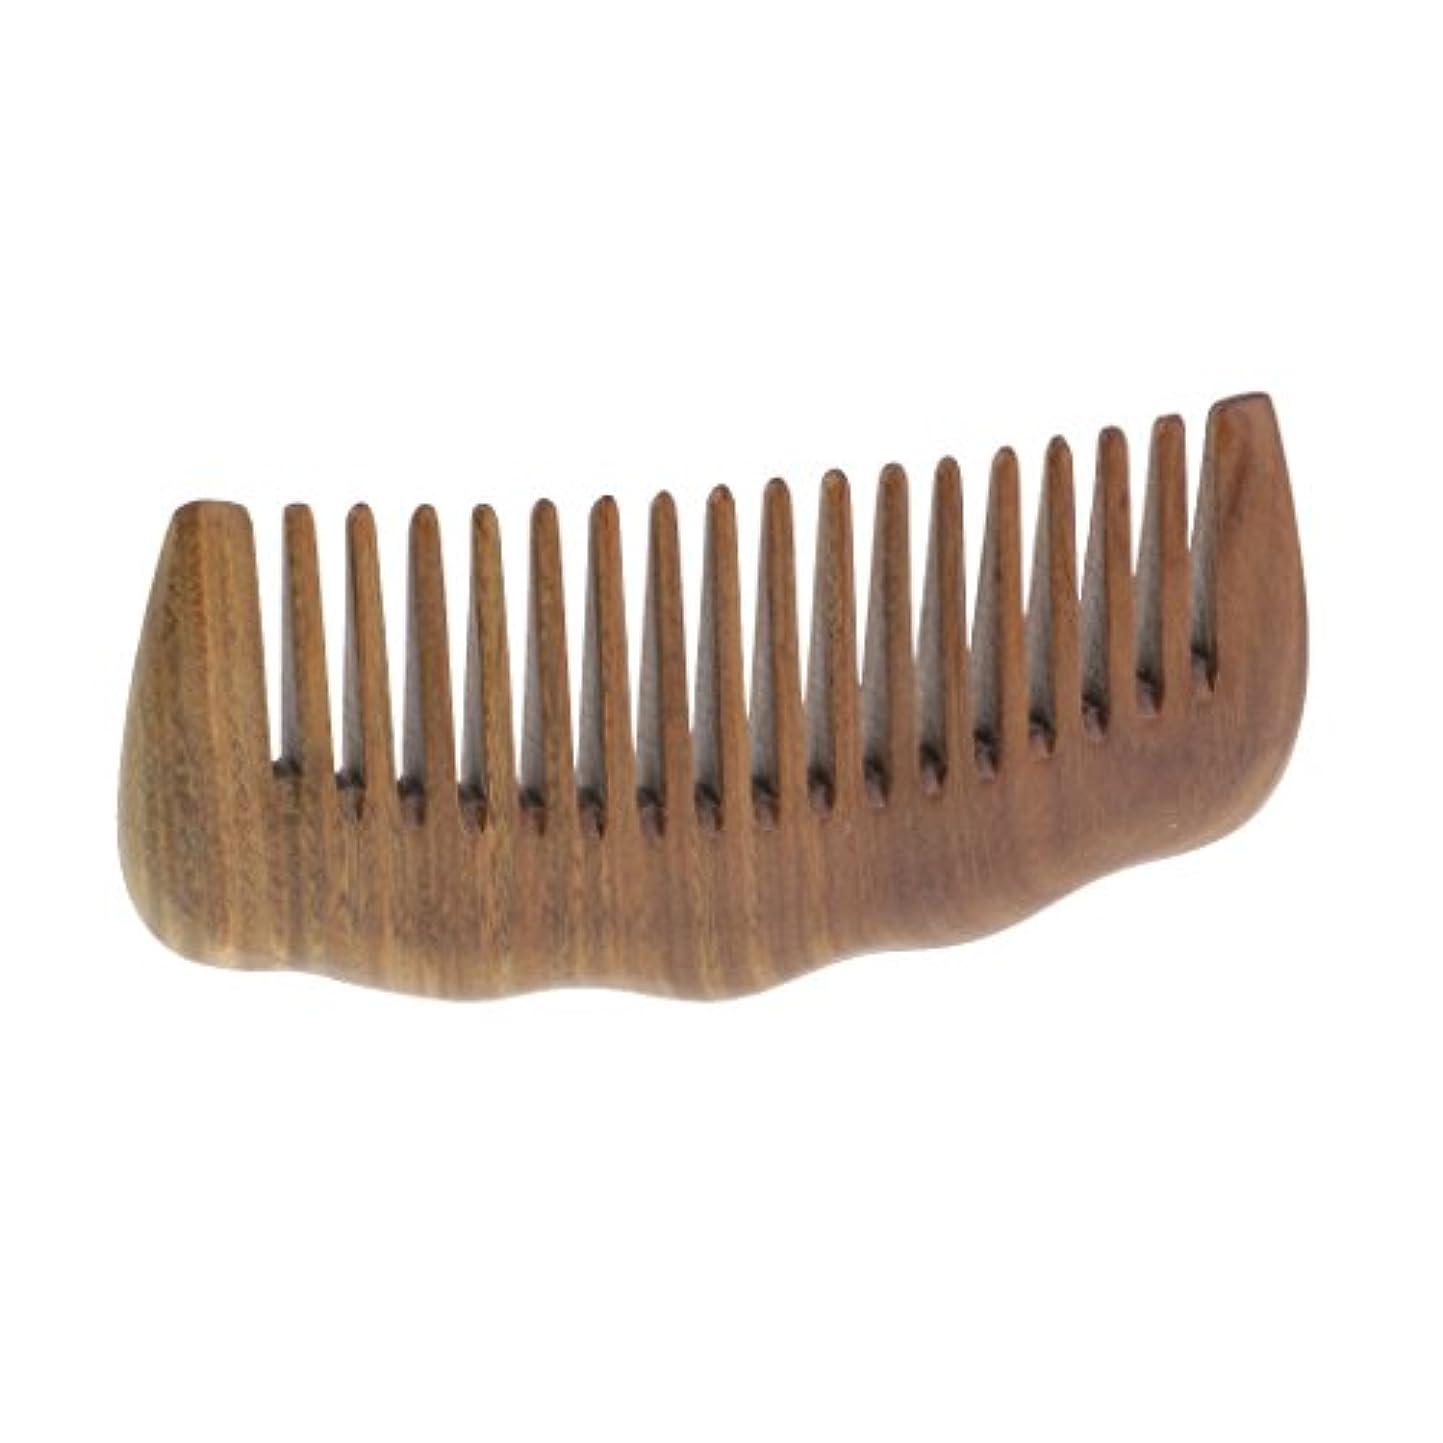 調停する保育園東ティモールウッドコーム 木製櫛 頭皮マッサージ 伝統工芸品 滑らか ヘアケア ナチュラルサンダルウッド 高品質